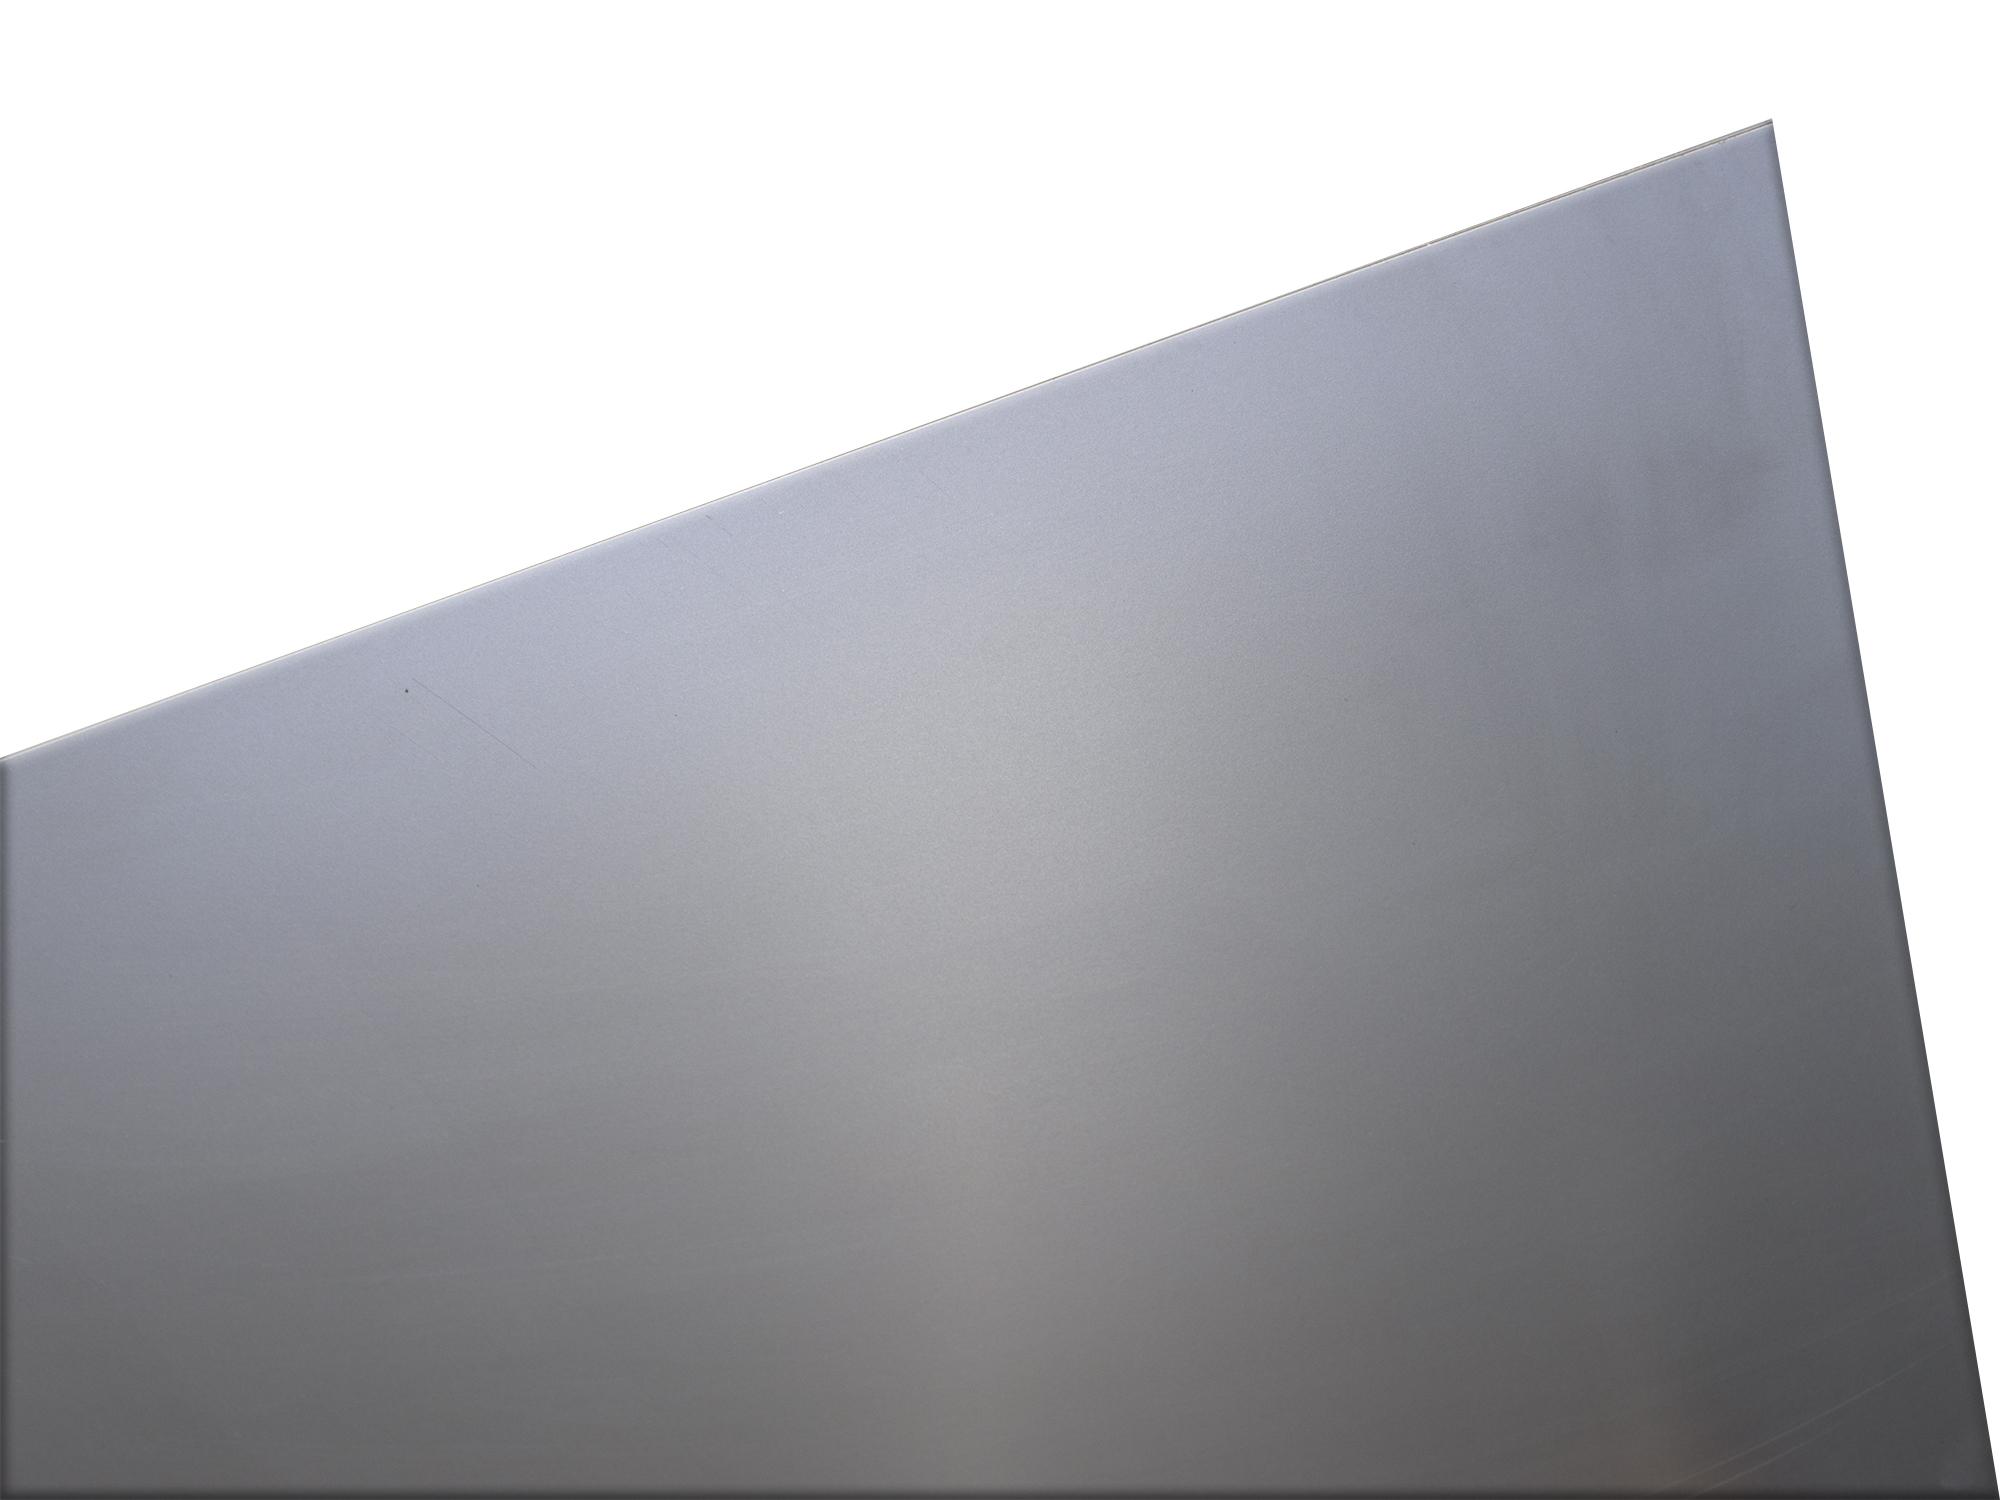 plaat staal 500 x 1000 x 6.0mm